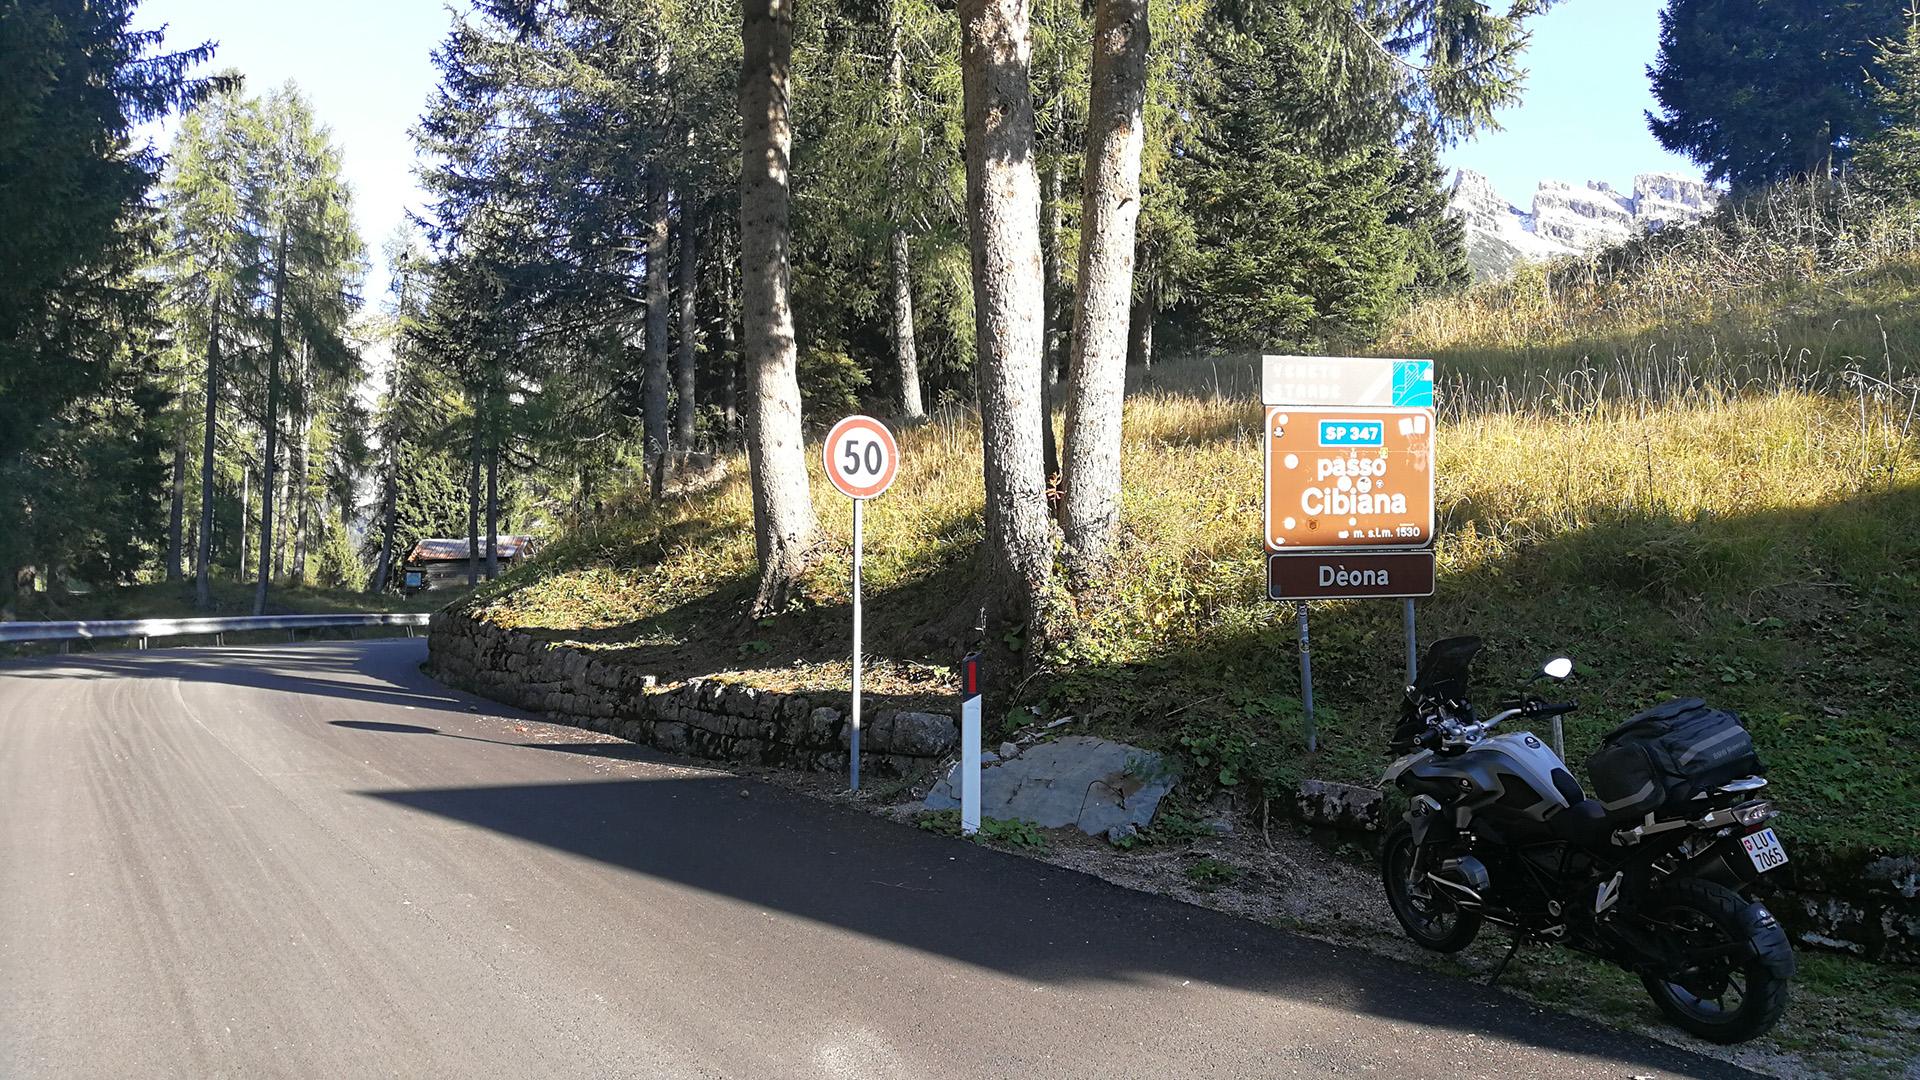 1530 - I - Passo Cibiana